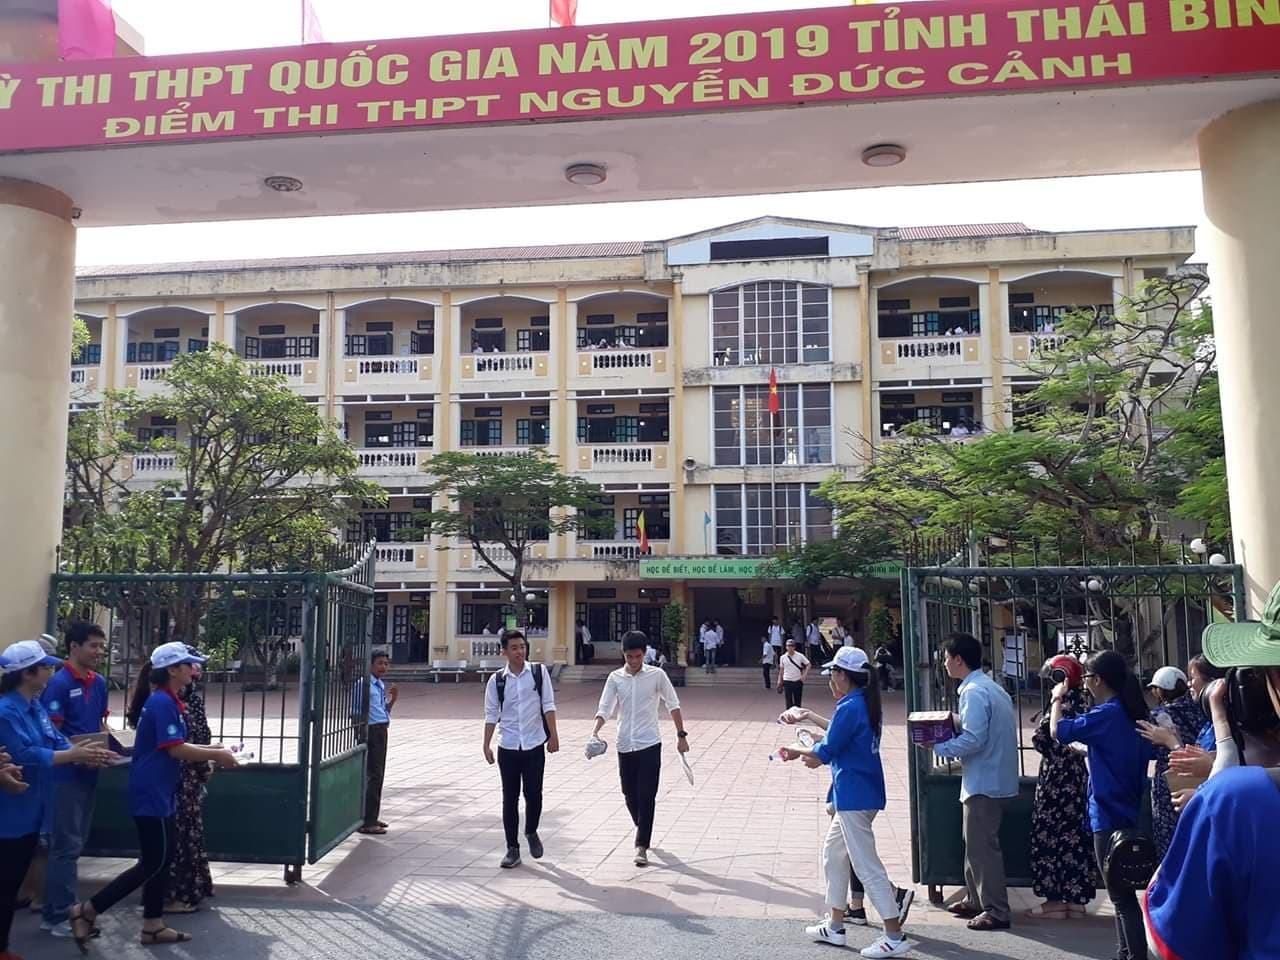 Những 'cái nhất' trong kỳ thi THPT quốc gia 2019